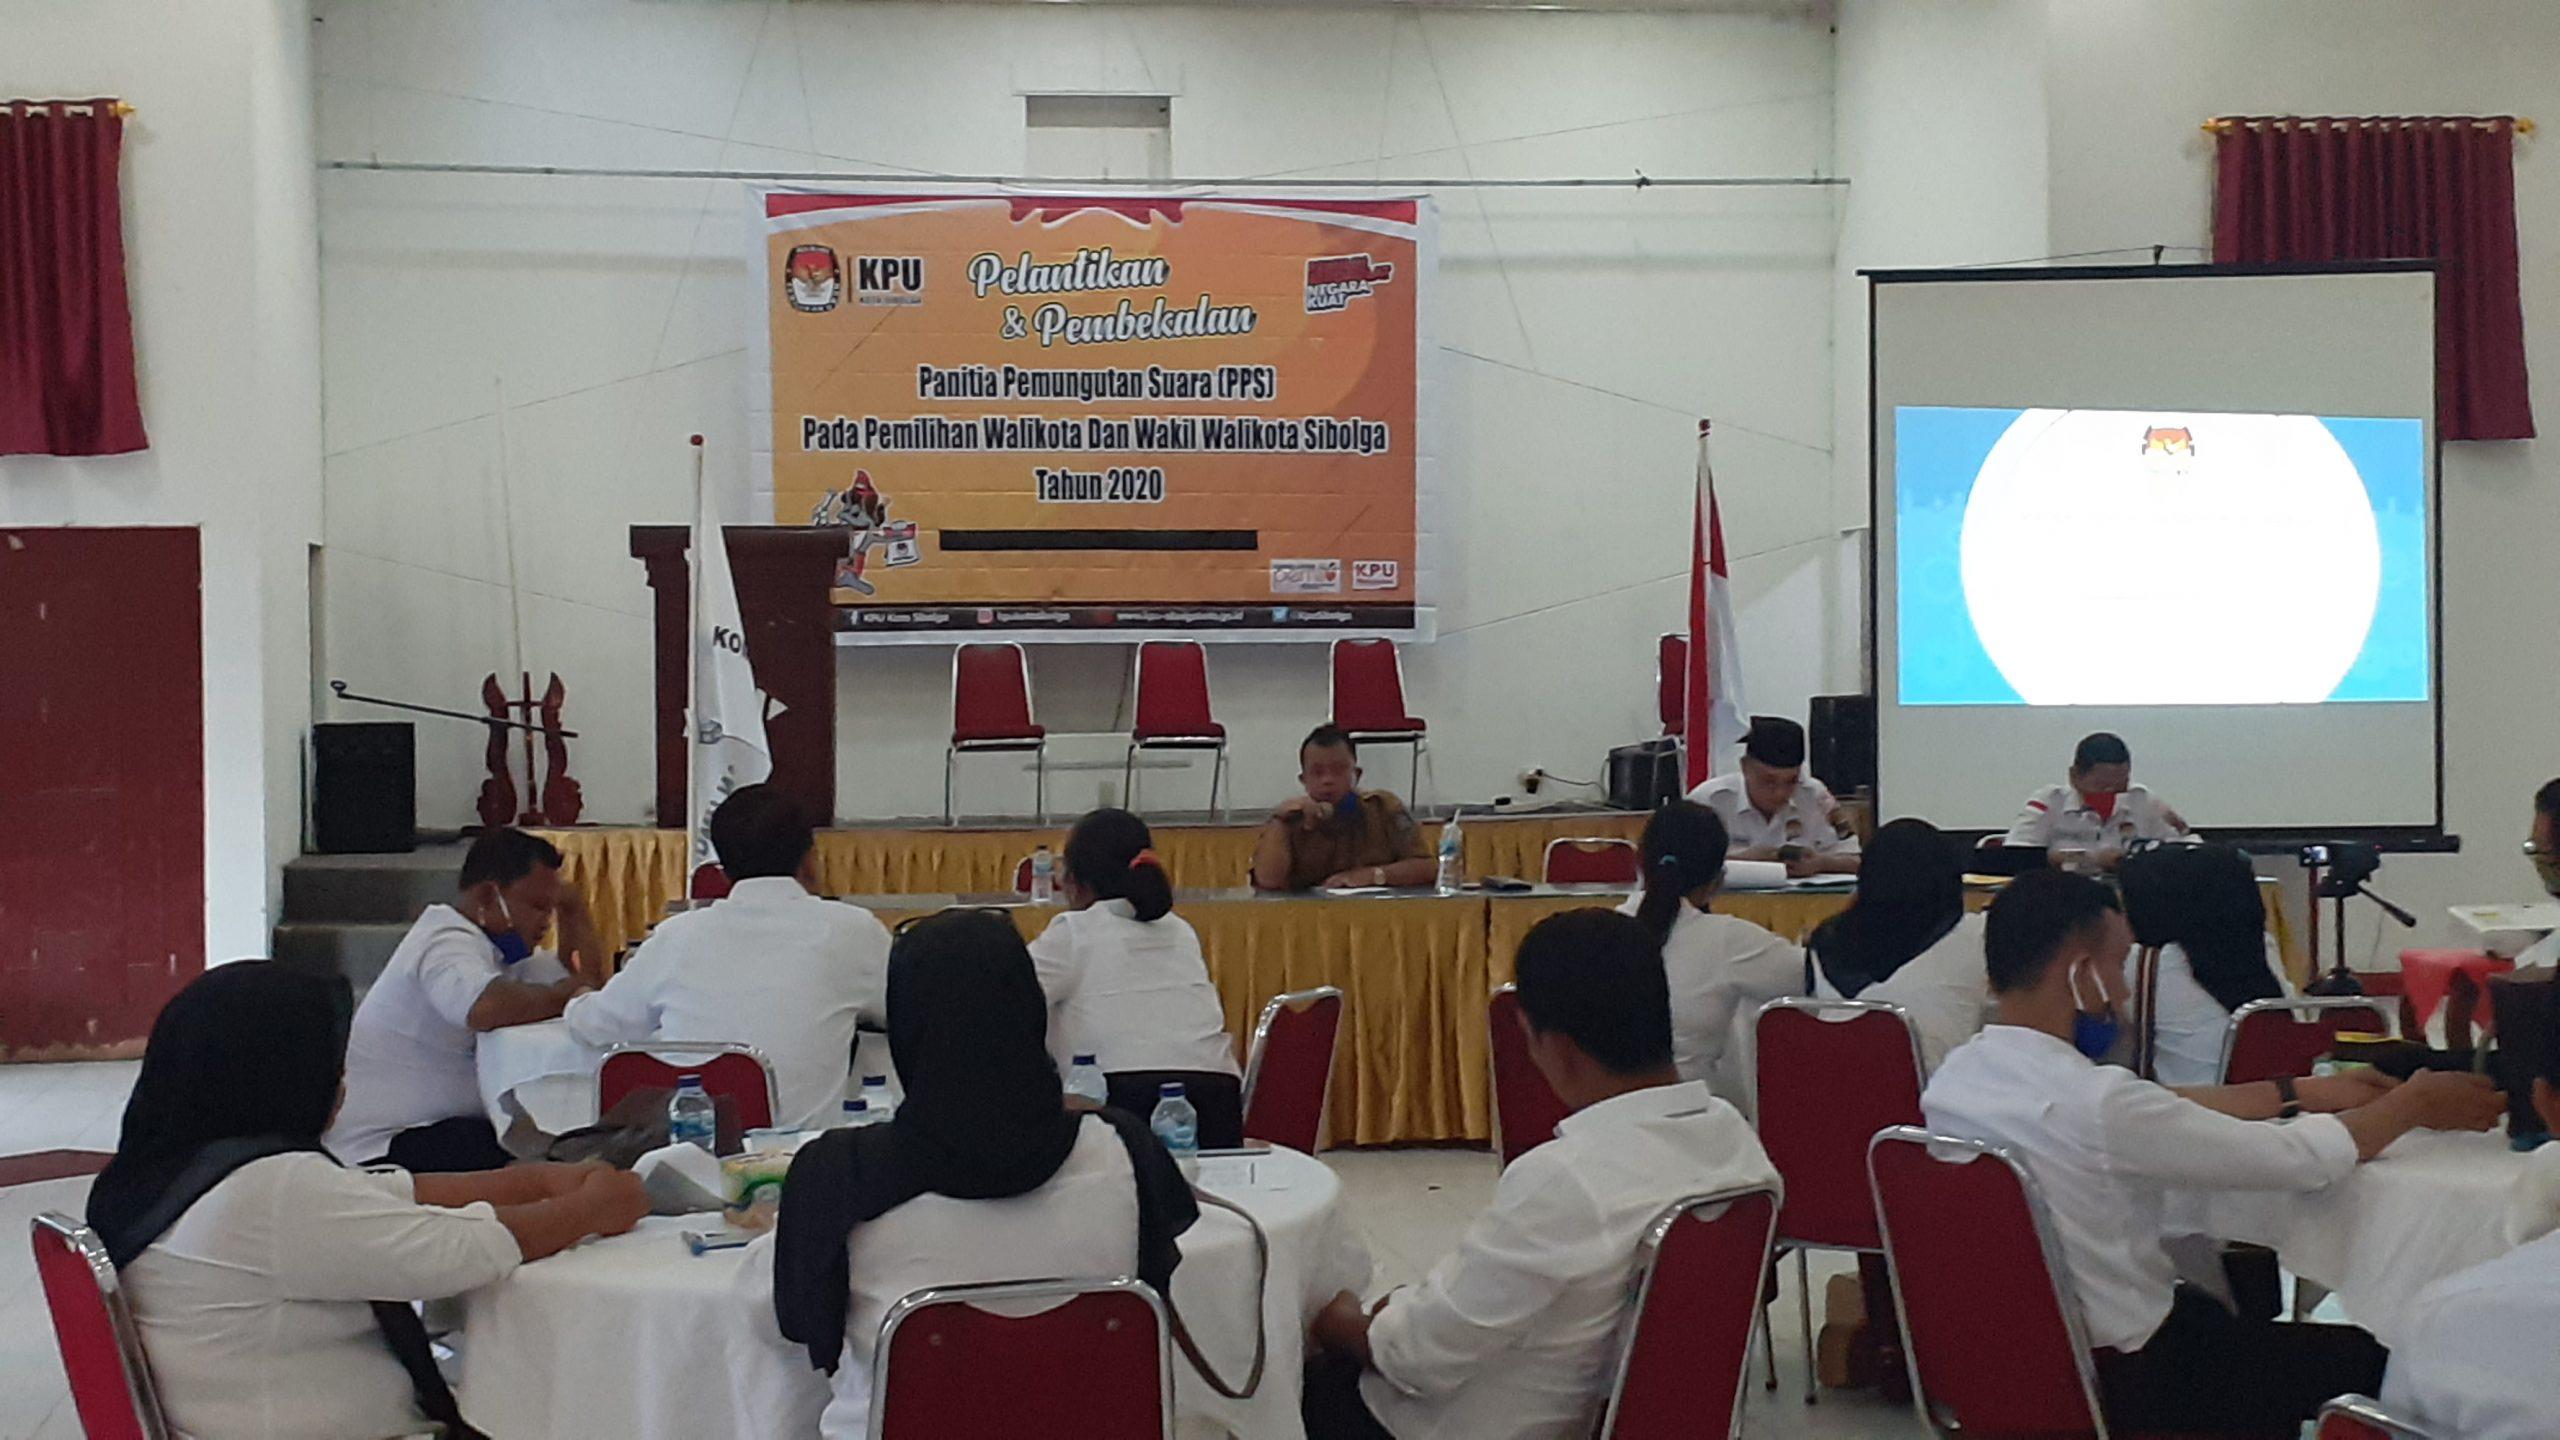 Suasana Pembekalan kepada anggota PPS di Aula Topaz. Rakyatsumut.com/ Mirwan Tanjung